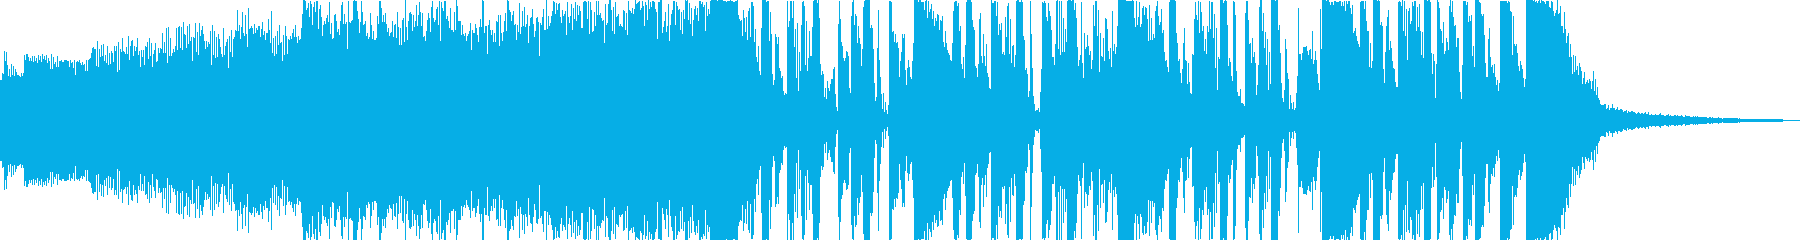 コーポレート ファンキーの再生済みの波形